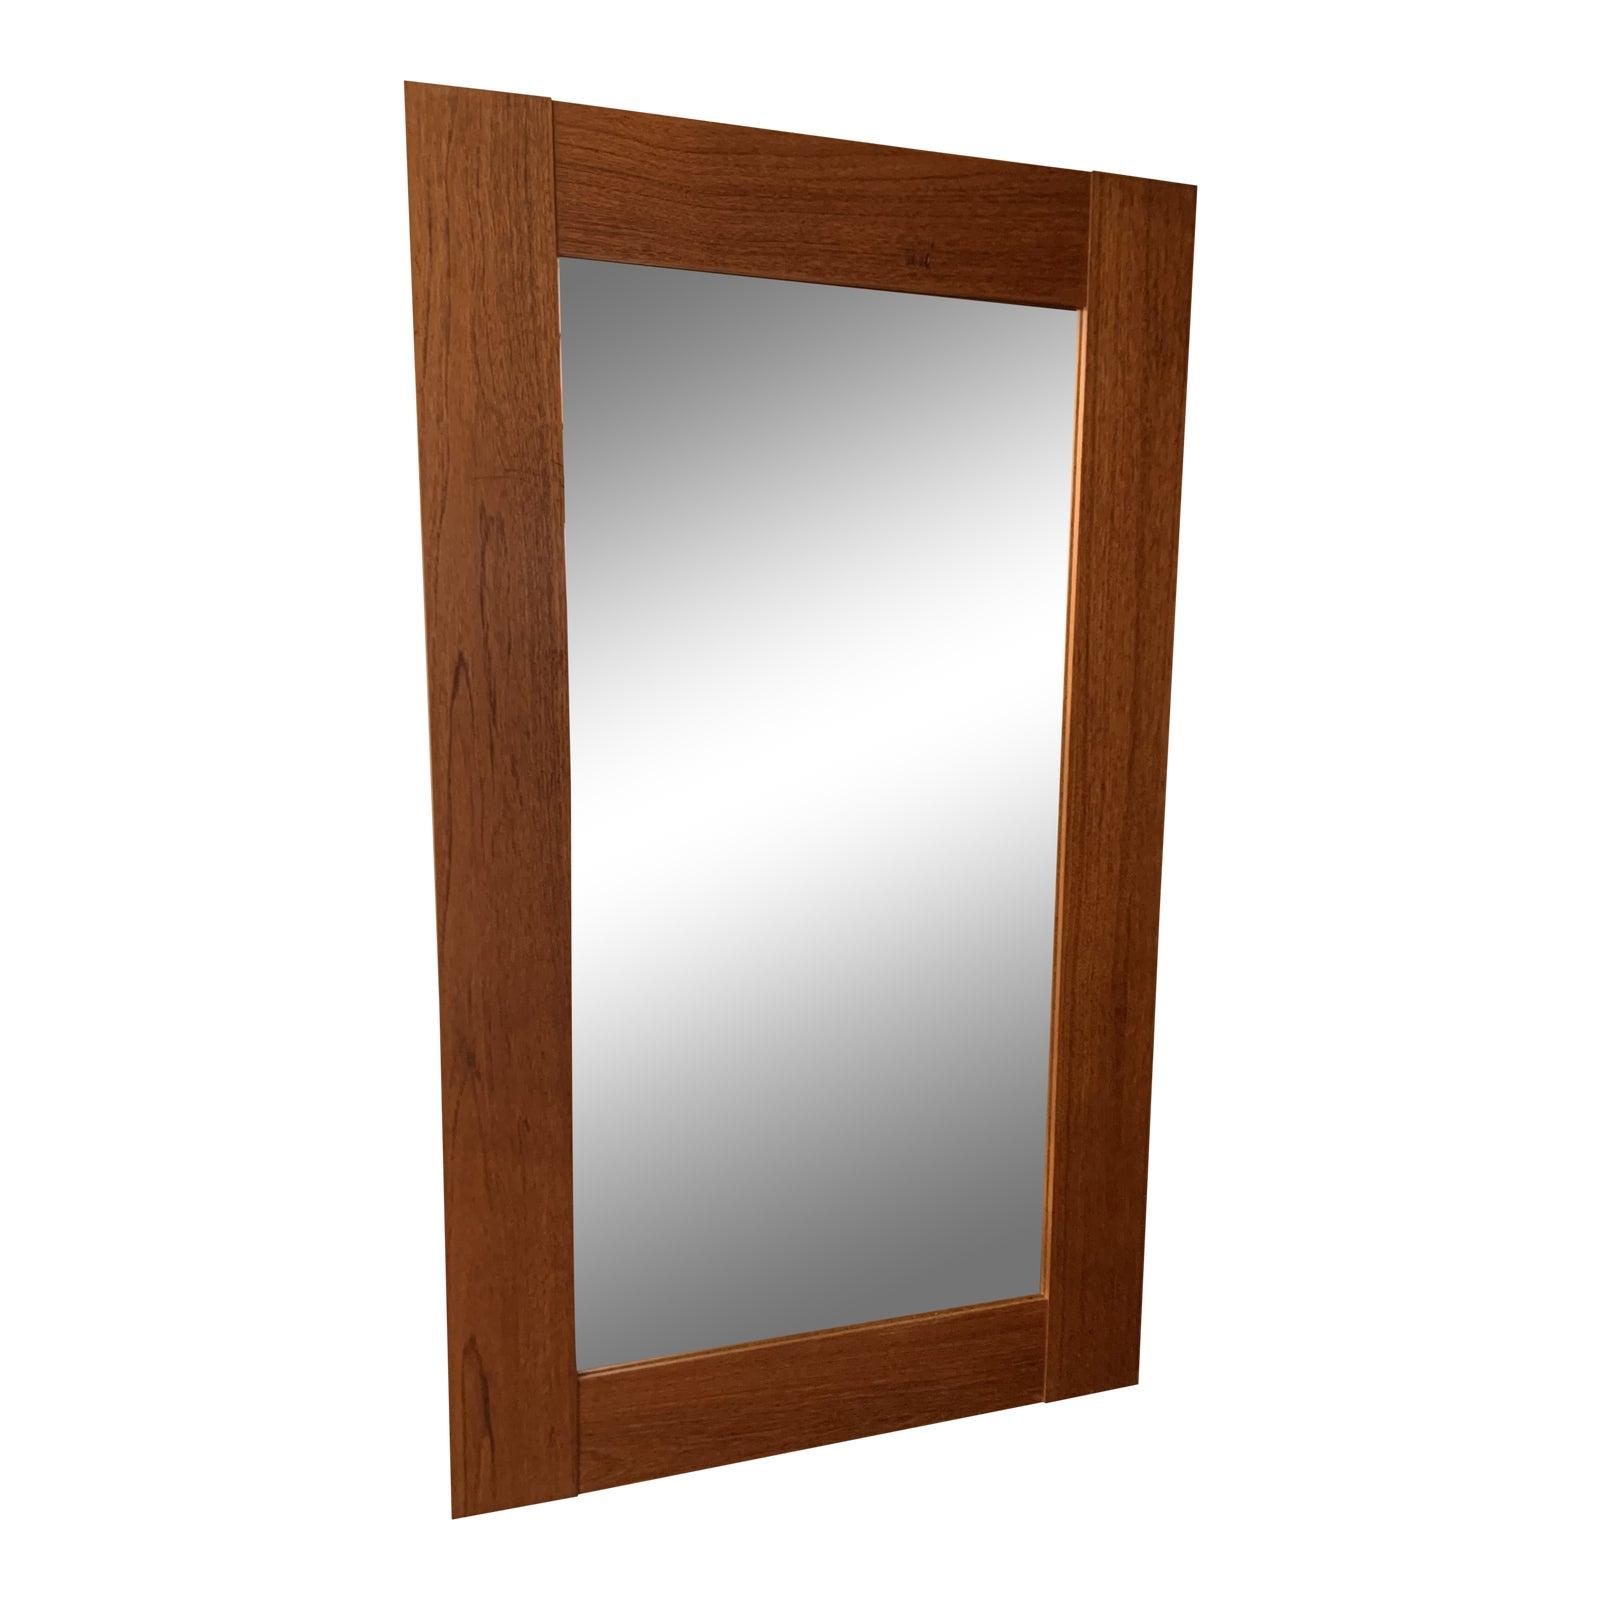 1970s Wide Framed Teak Mirror From Denmark